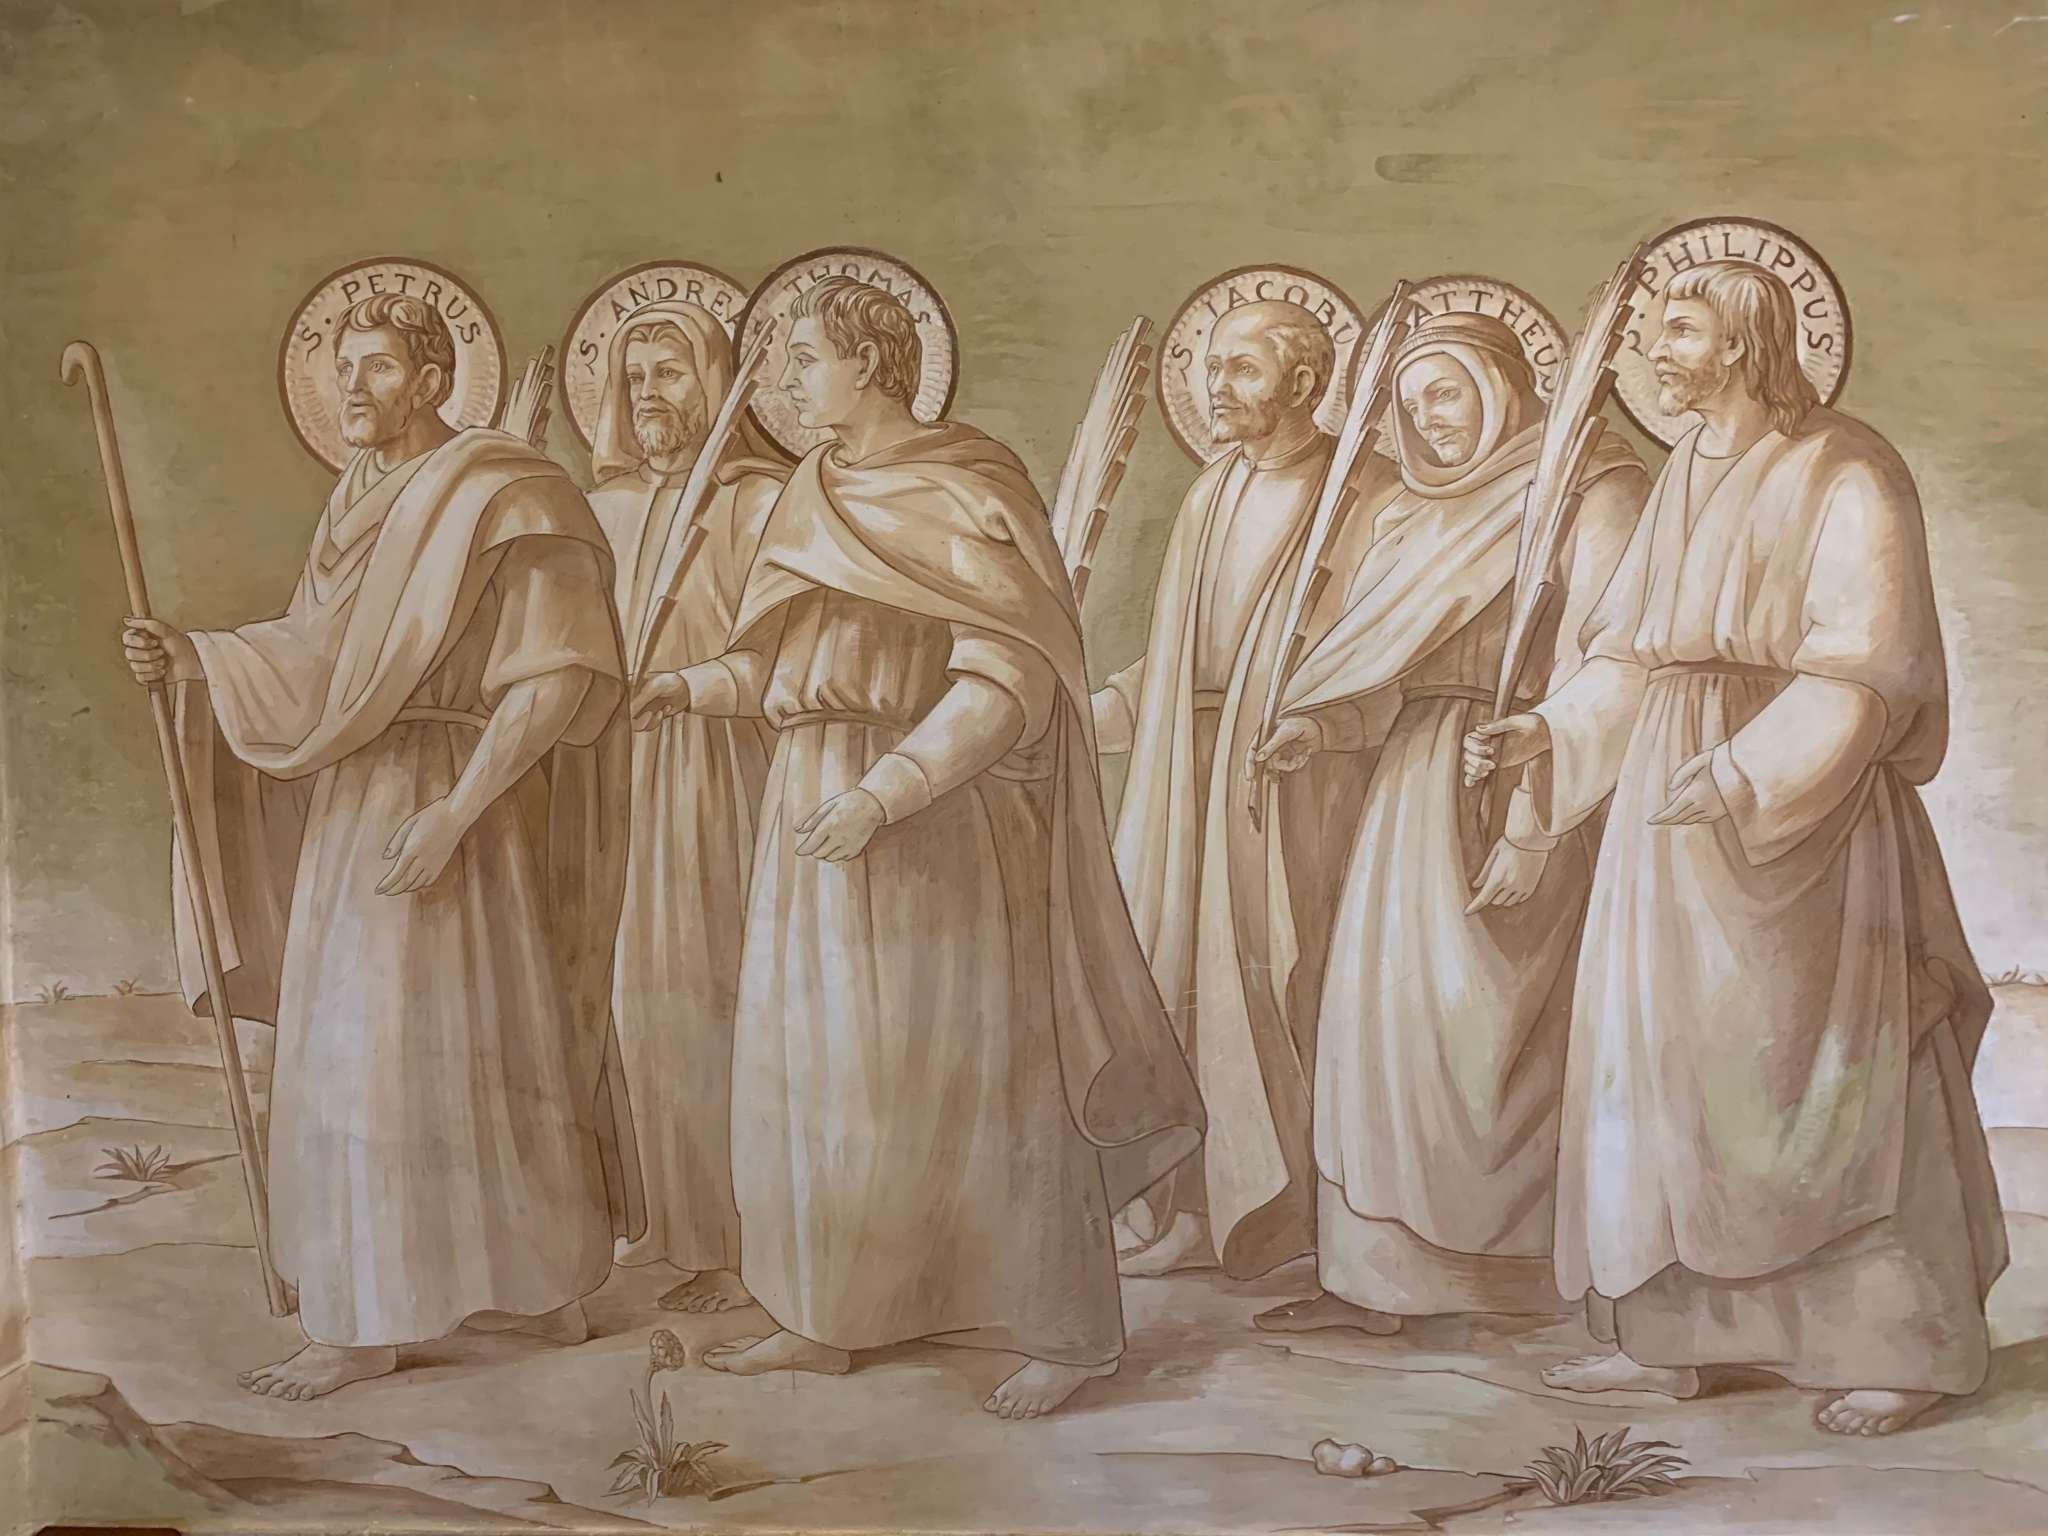 Una vez más, el Evangelio nos sorprende con un relato de encuentro: Jesús ante un joven que le pregunta qué hacer para como Dios manda.